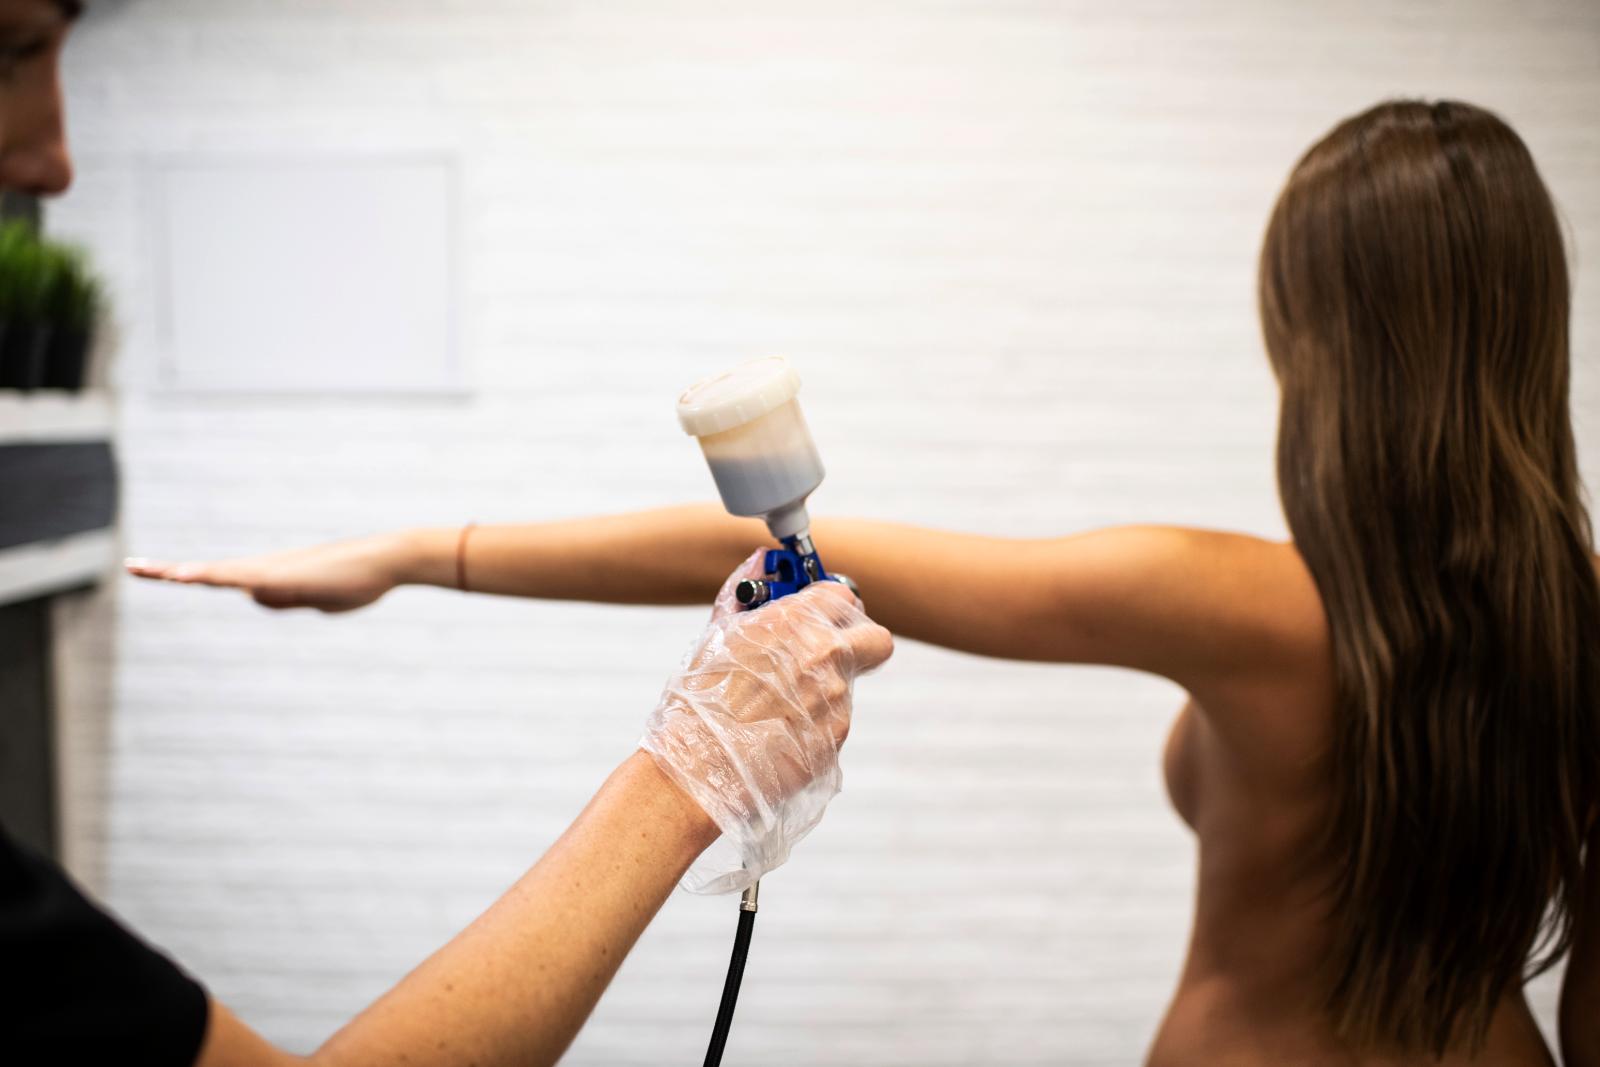 ДЕРЖИТСЯдо 14 днейПолученный результат сохраняется до 14 дней и сходит равномерно по мере обновления вашей кожи.